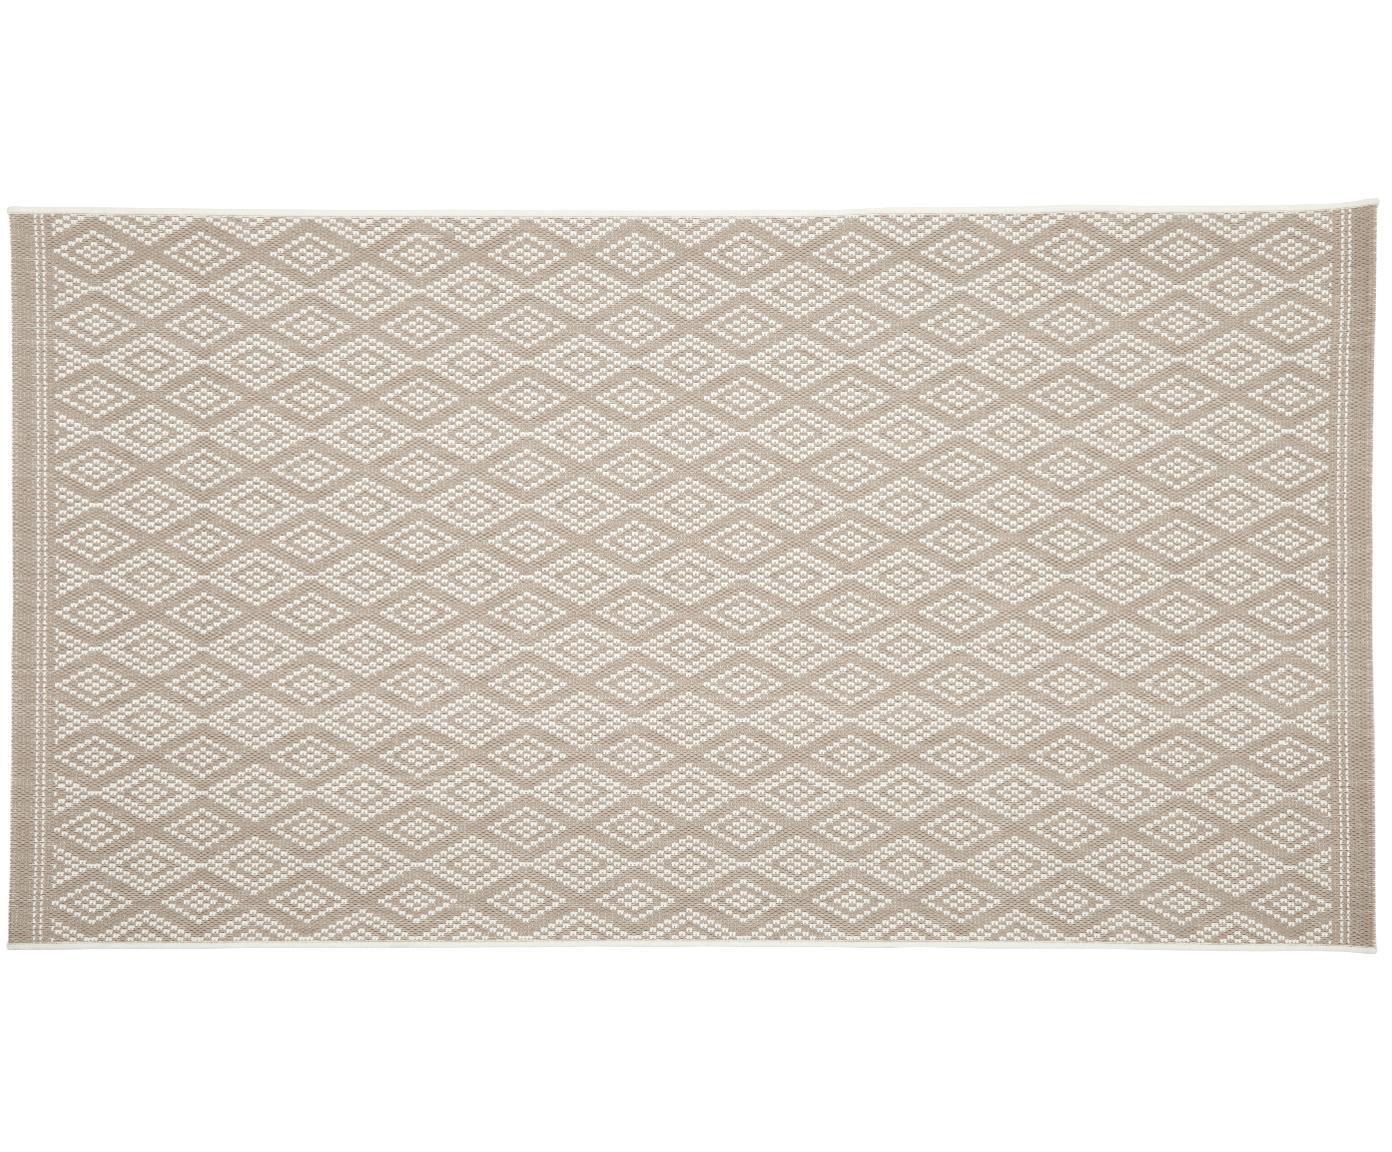 In- & Outdoor-Teppich Capri in Beige/Creme, Flor: 100% Polypropylen, Cremeweiß, Beige, B 80 x L 150 cm (Größe XS)